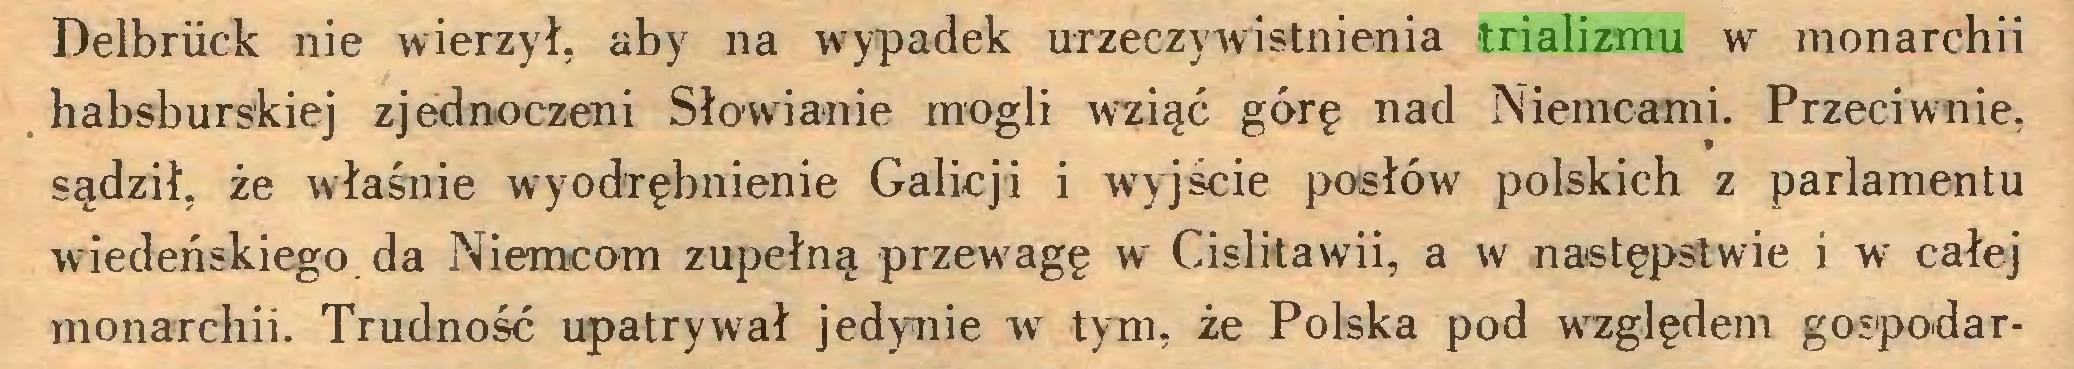 (...) Delbrück nie wierzył, aby na wypadek urzeczywistnienia trializmu w monarchii habsburskiej zjednoczeni Słowianie mogli wziąć górę nad Niemcami. Przeciwnie, sądził, że właśnie wyodrębnienie Galicji i wyjście posłów polskich z parlamentu wiedeńskiego, da Niemcom zupełną przewagę w Cislitawii, a w następstwie i wr całej monarchii. Trudność upatrywał jedynie w tym, że Polska pod względem gospodar...